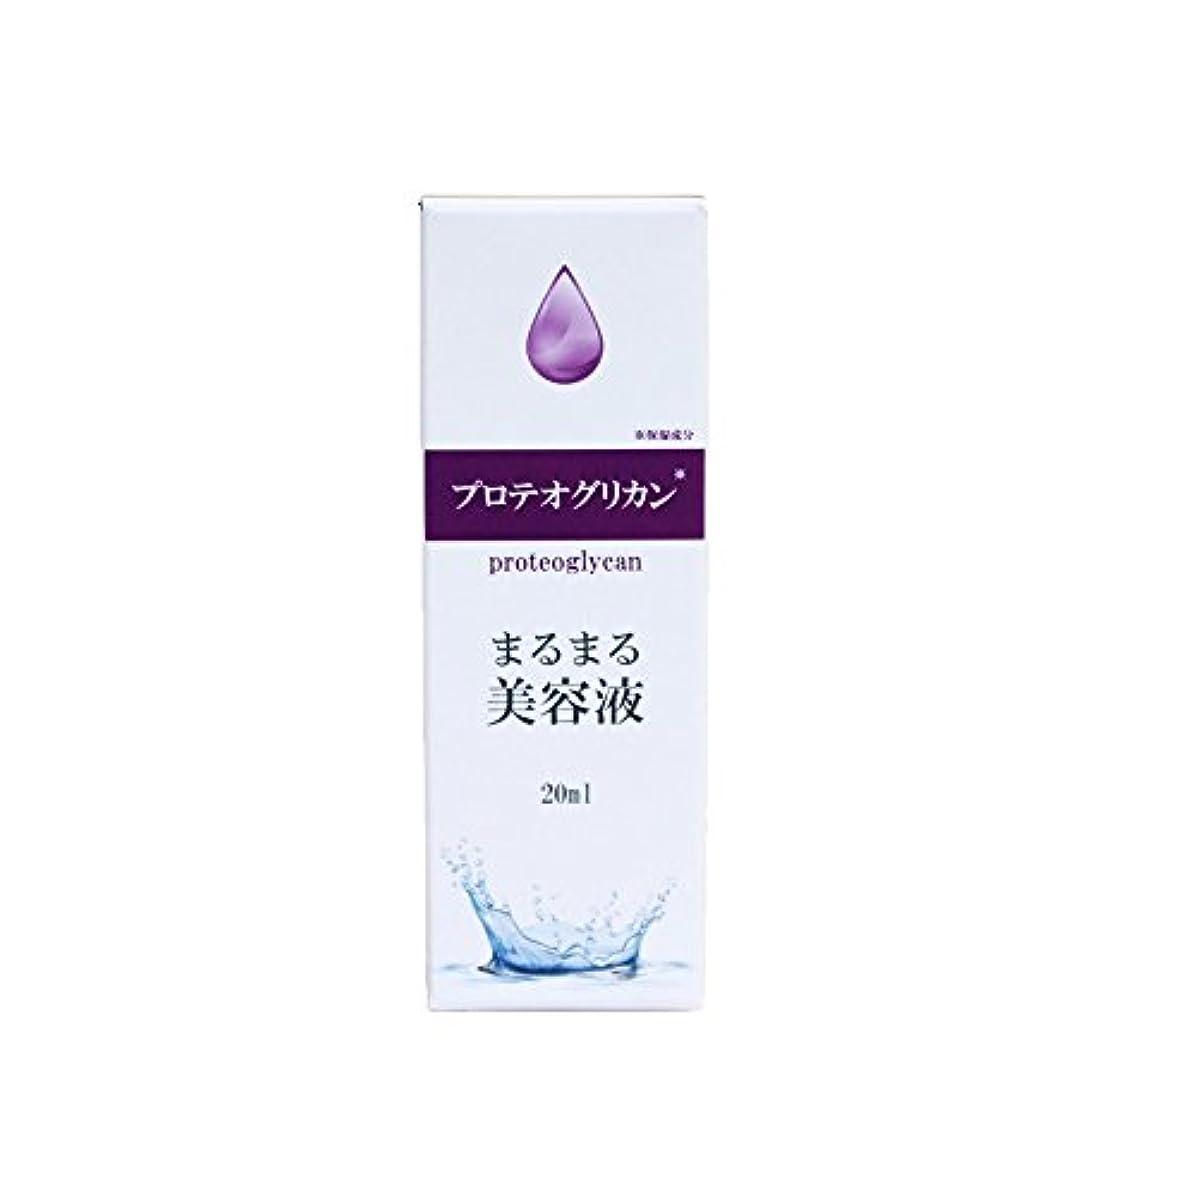 まるまる美容液 プロテオグリカン 【20ml×60本のケース販売】